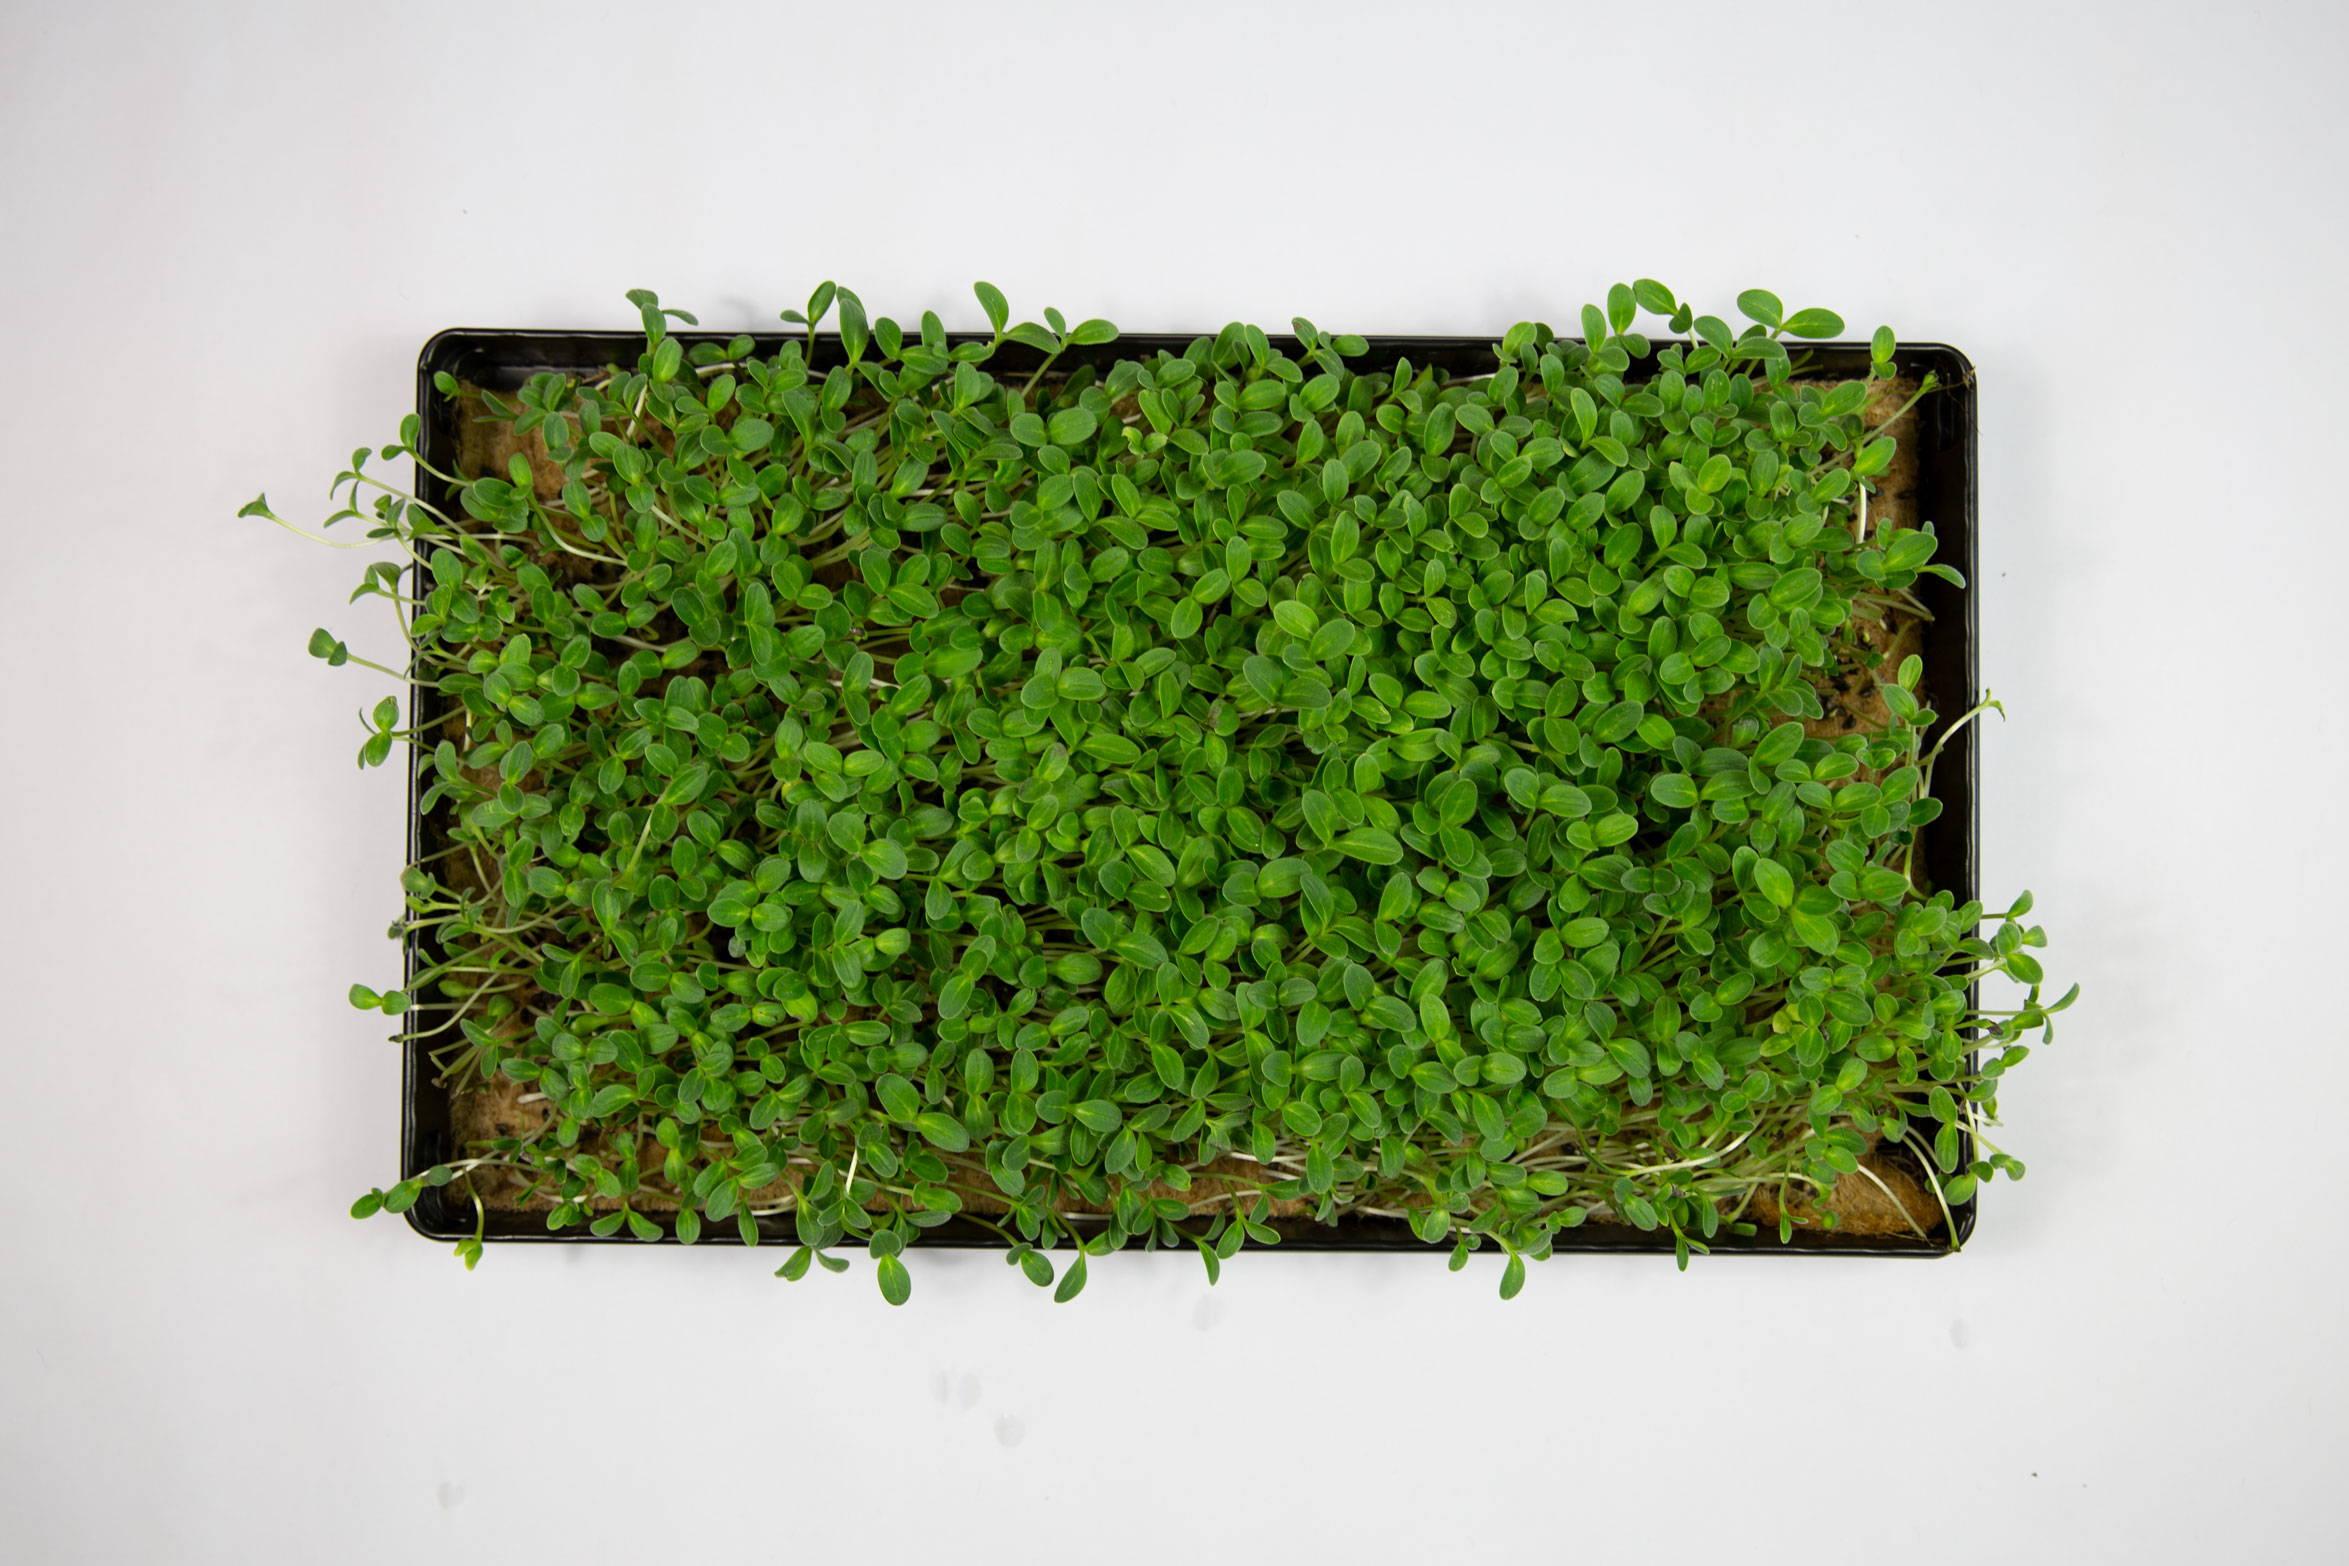 Boretsch Microgreens von der UMAMI Urban Farm